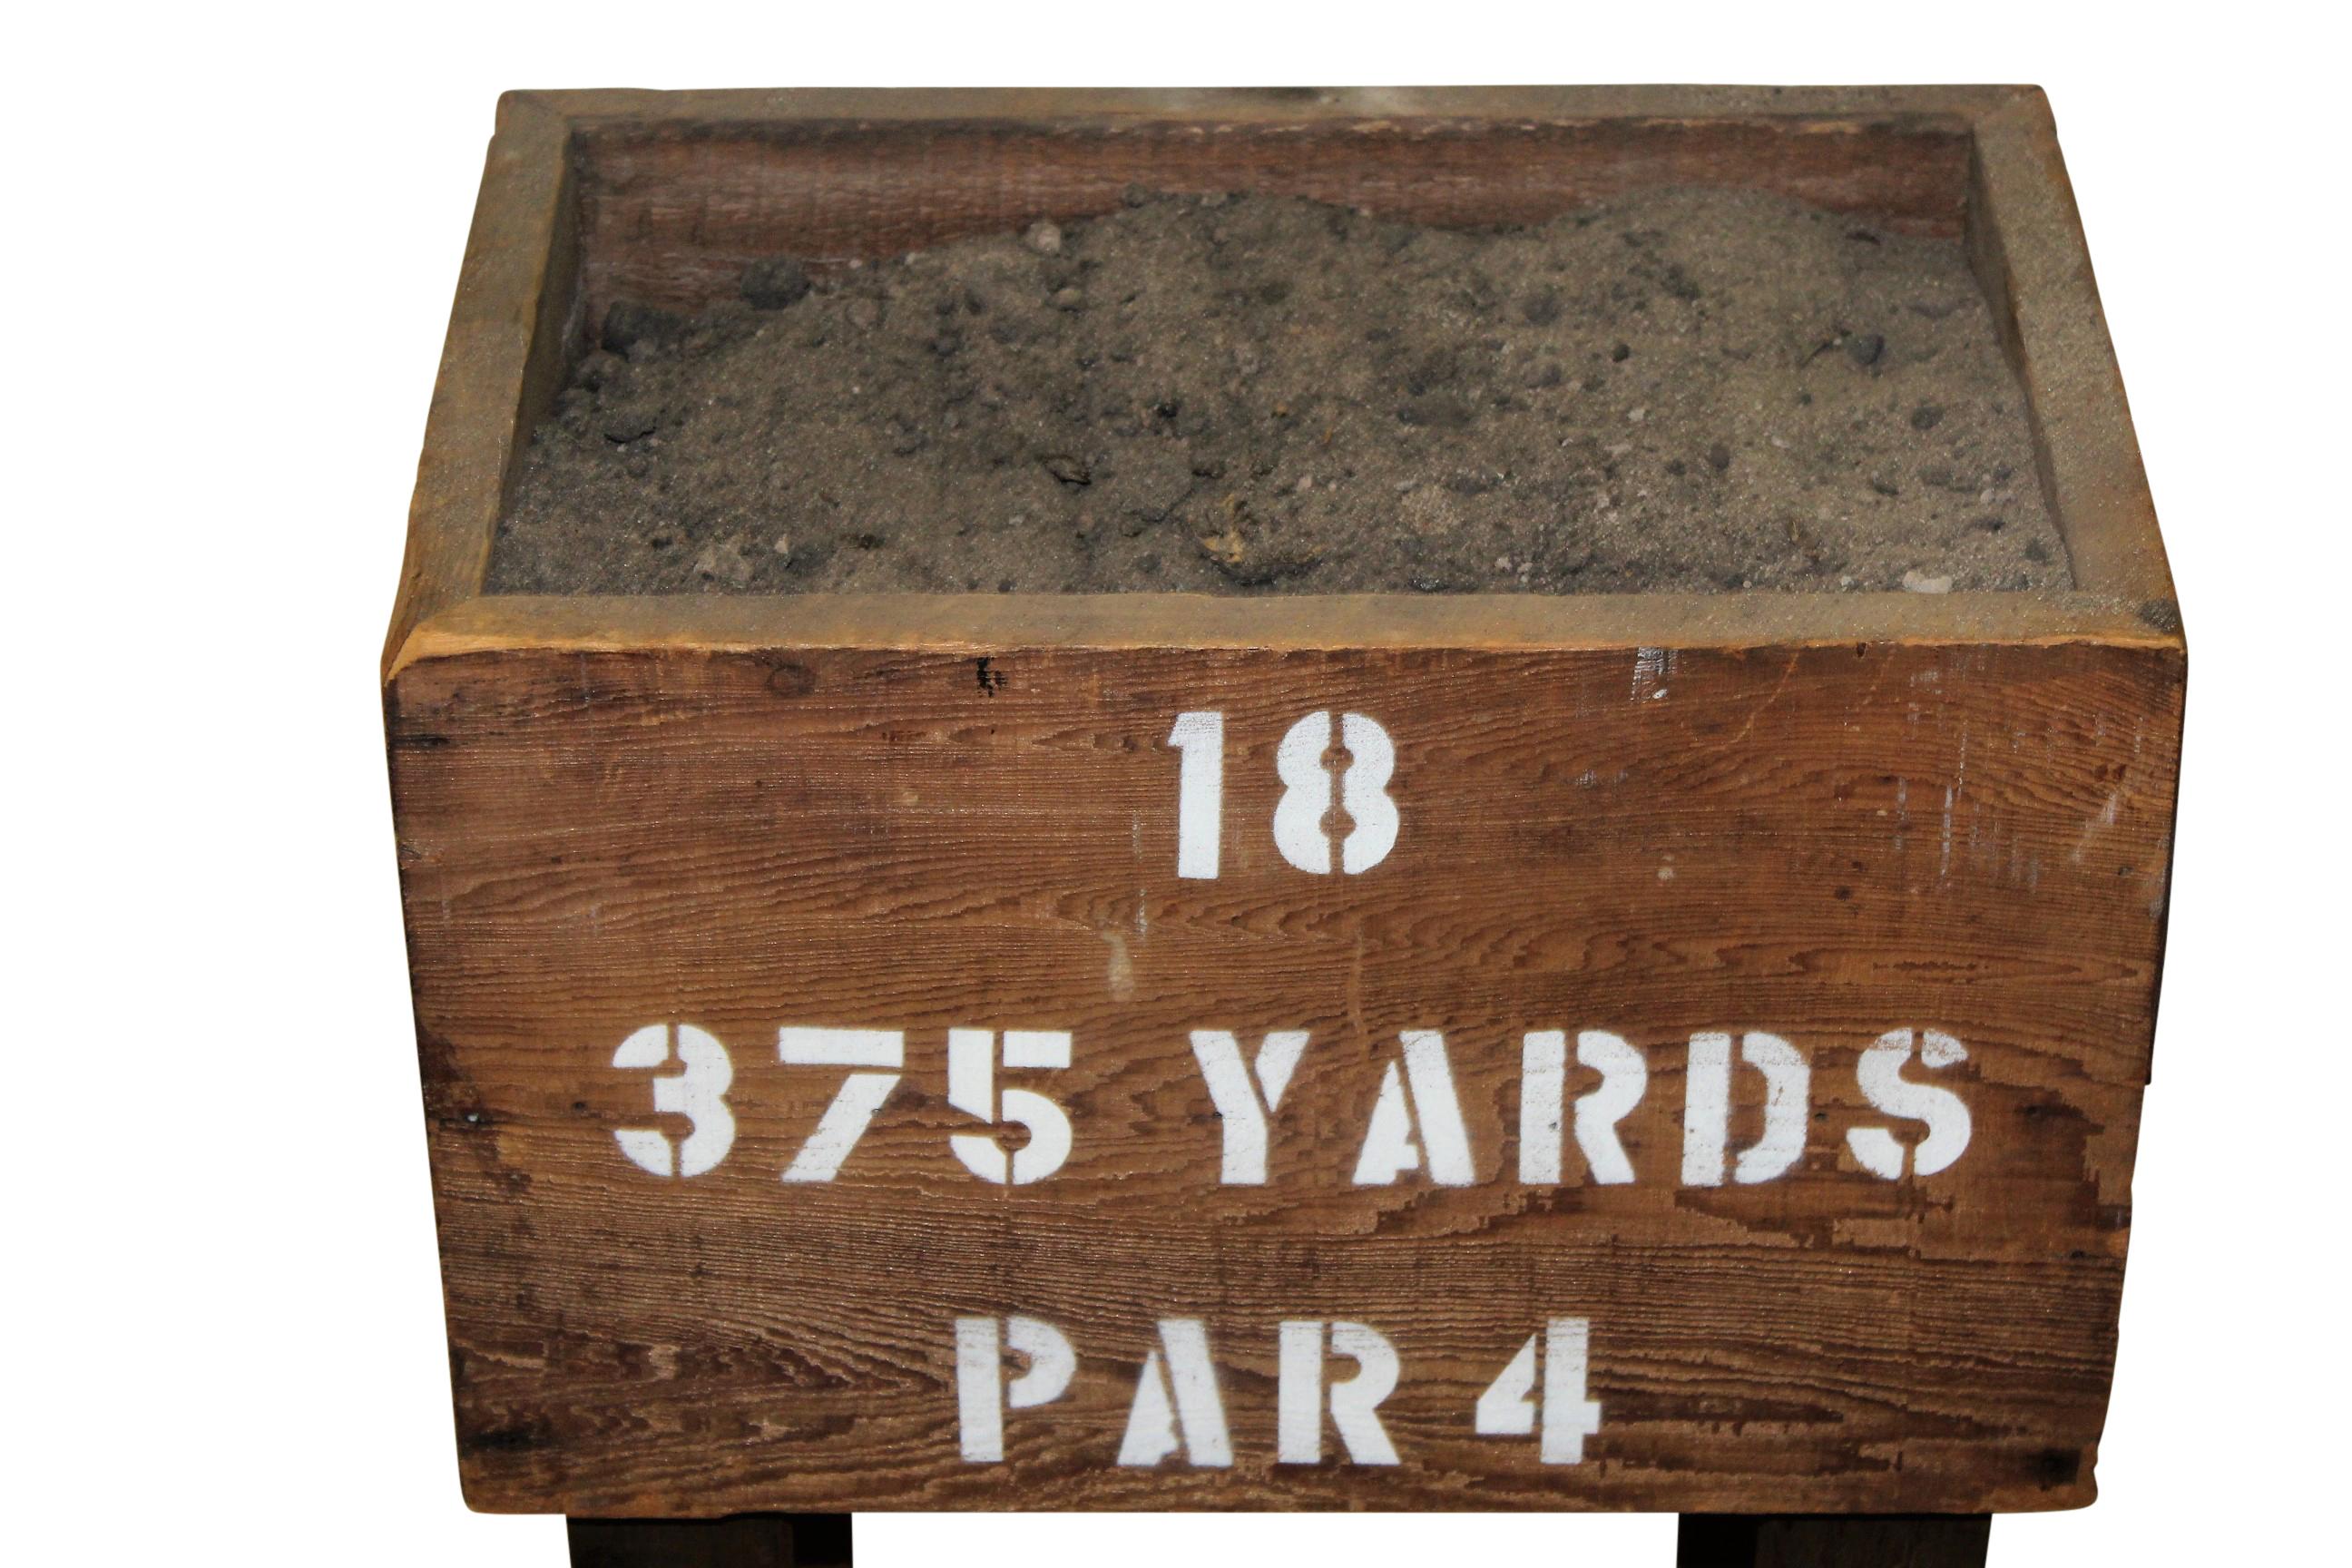 lot detail - circa 1900 sand tee box